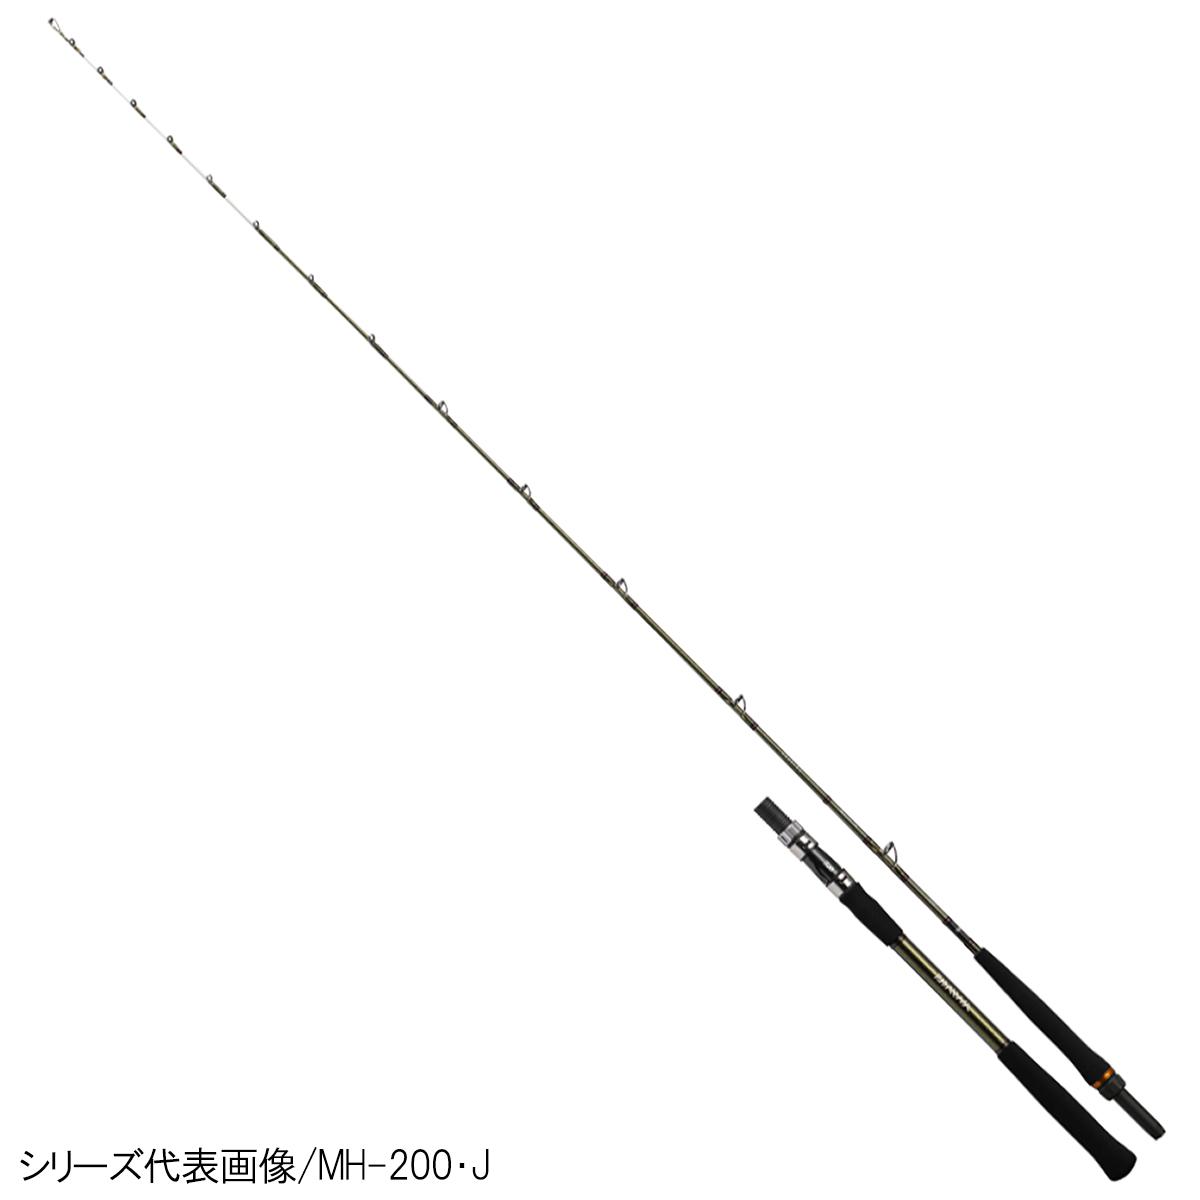 ダイワ リーディング ネライ M-230・J【大型商品】(東日本店)